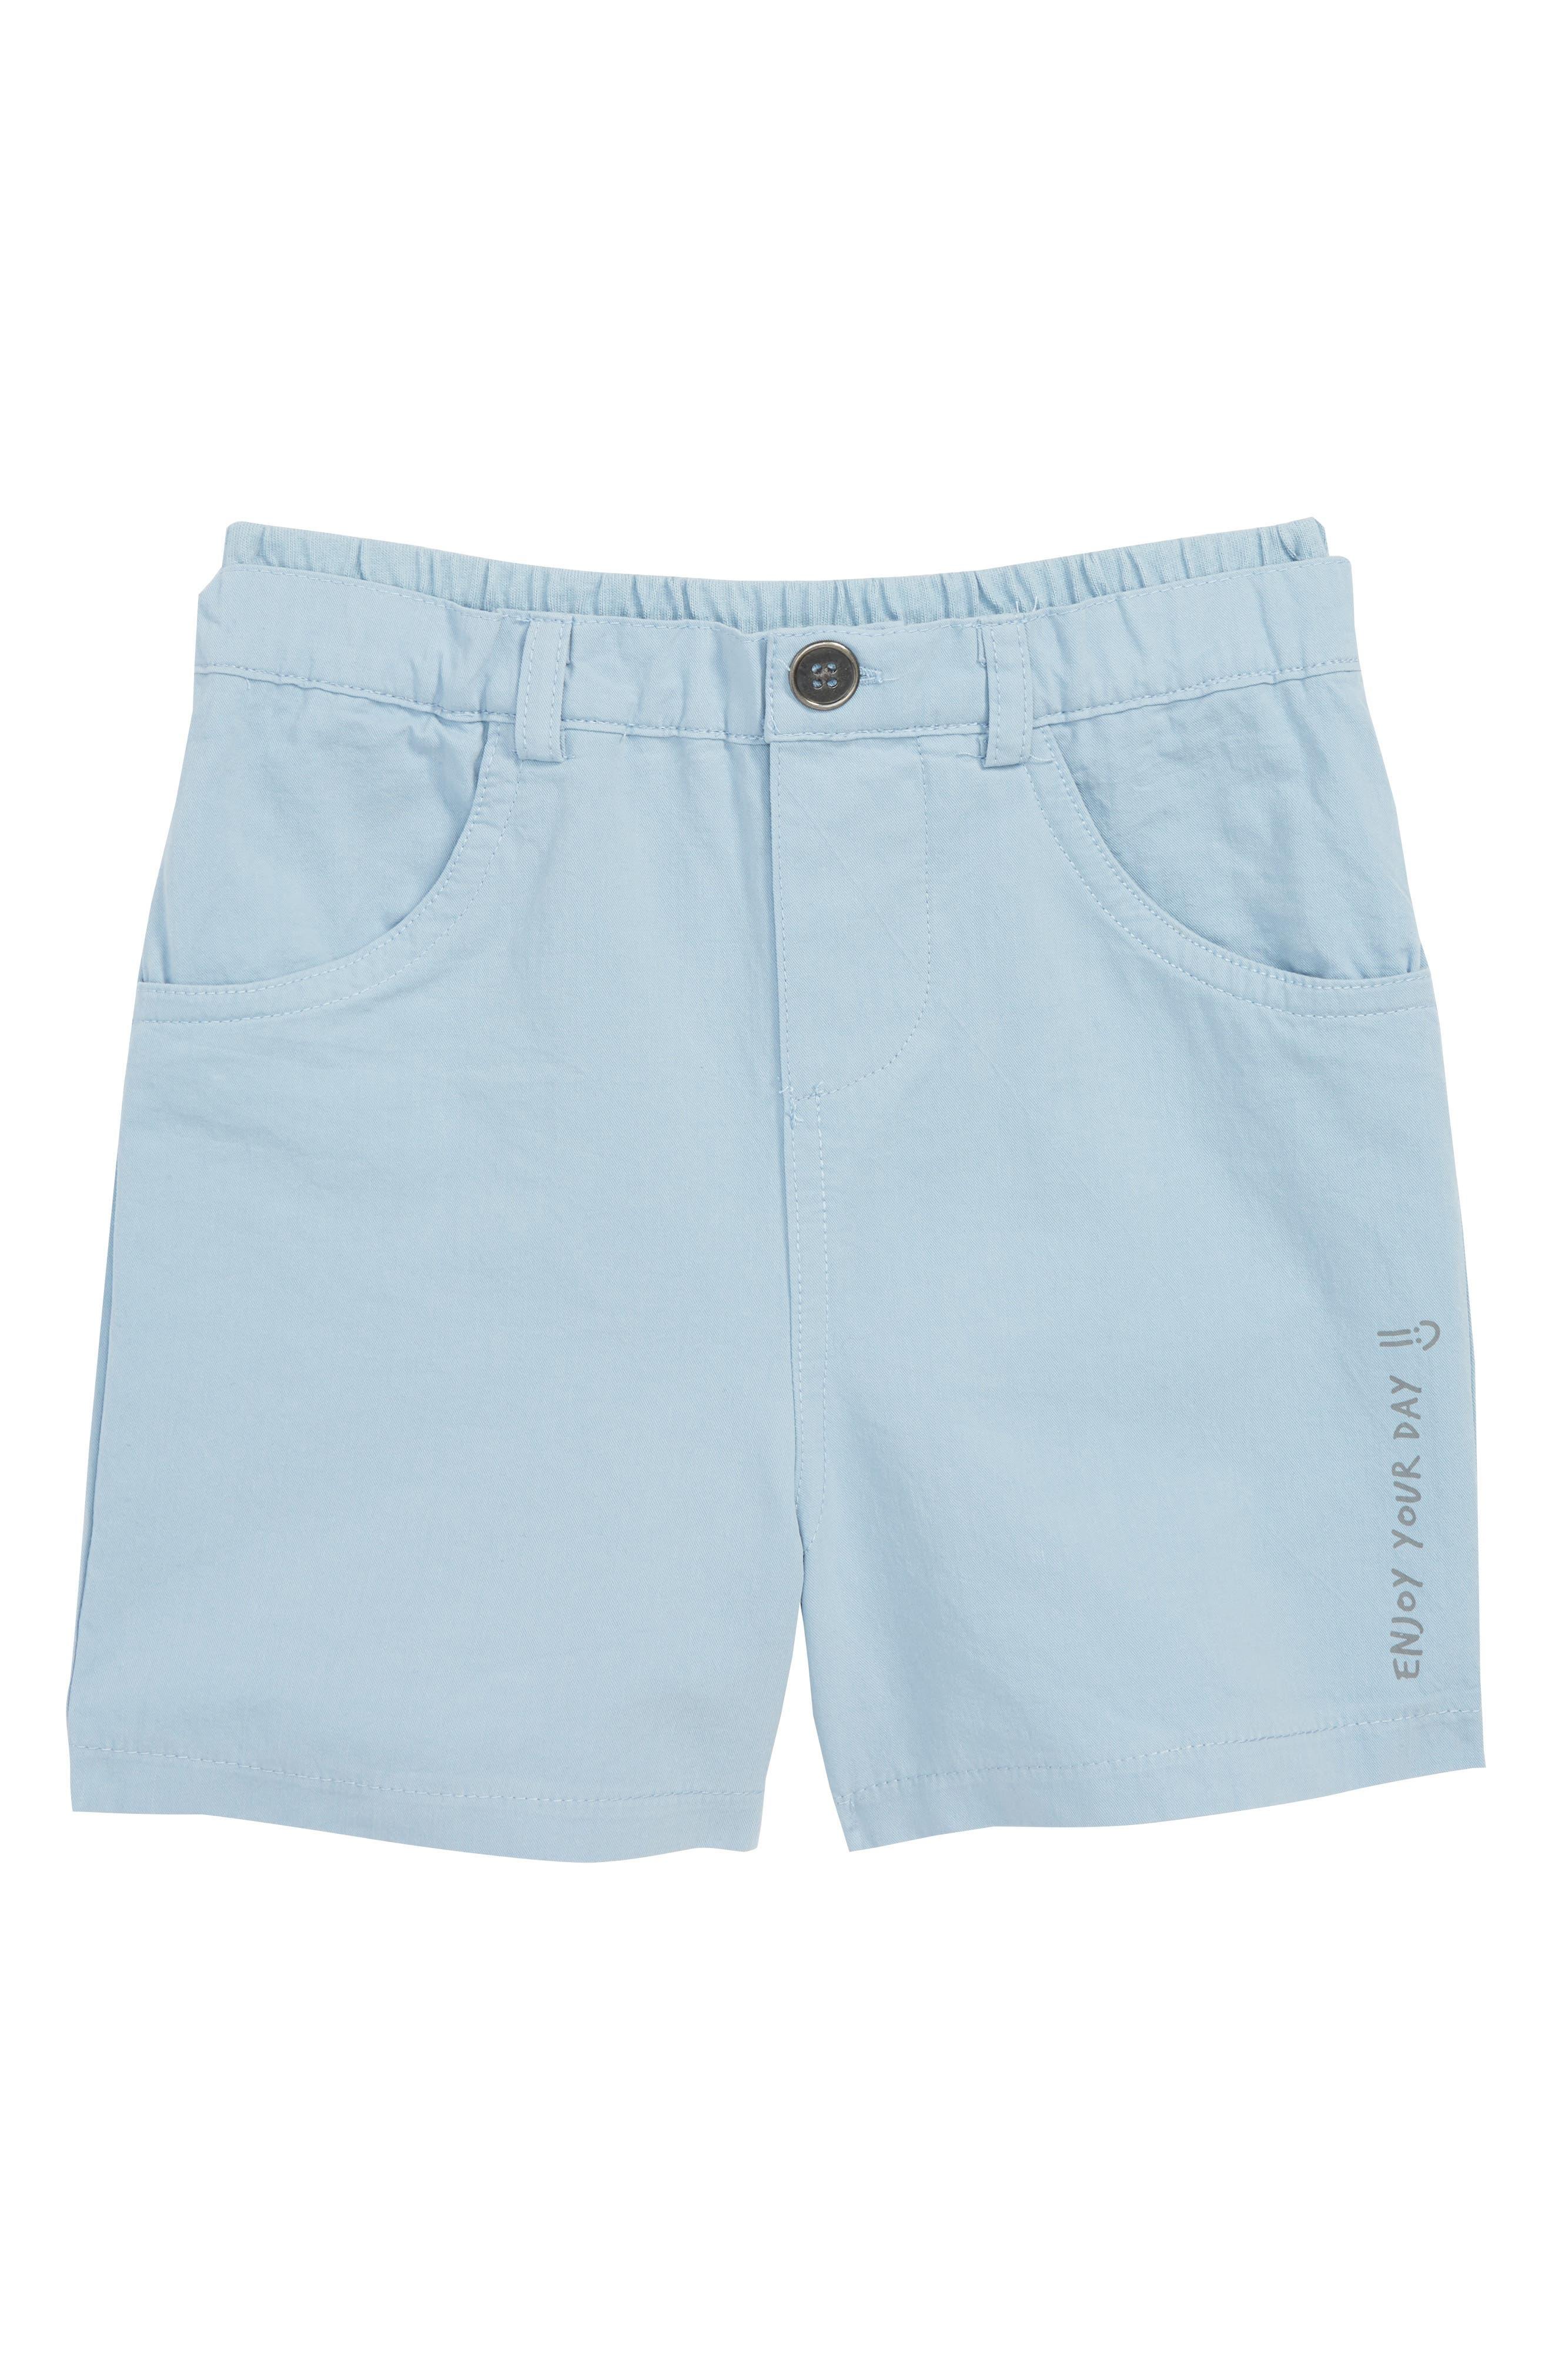 Enjoy Shorts,                             Main thumbnail 1, color,                             420